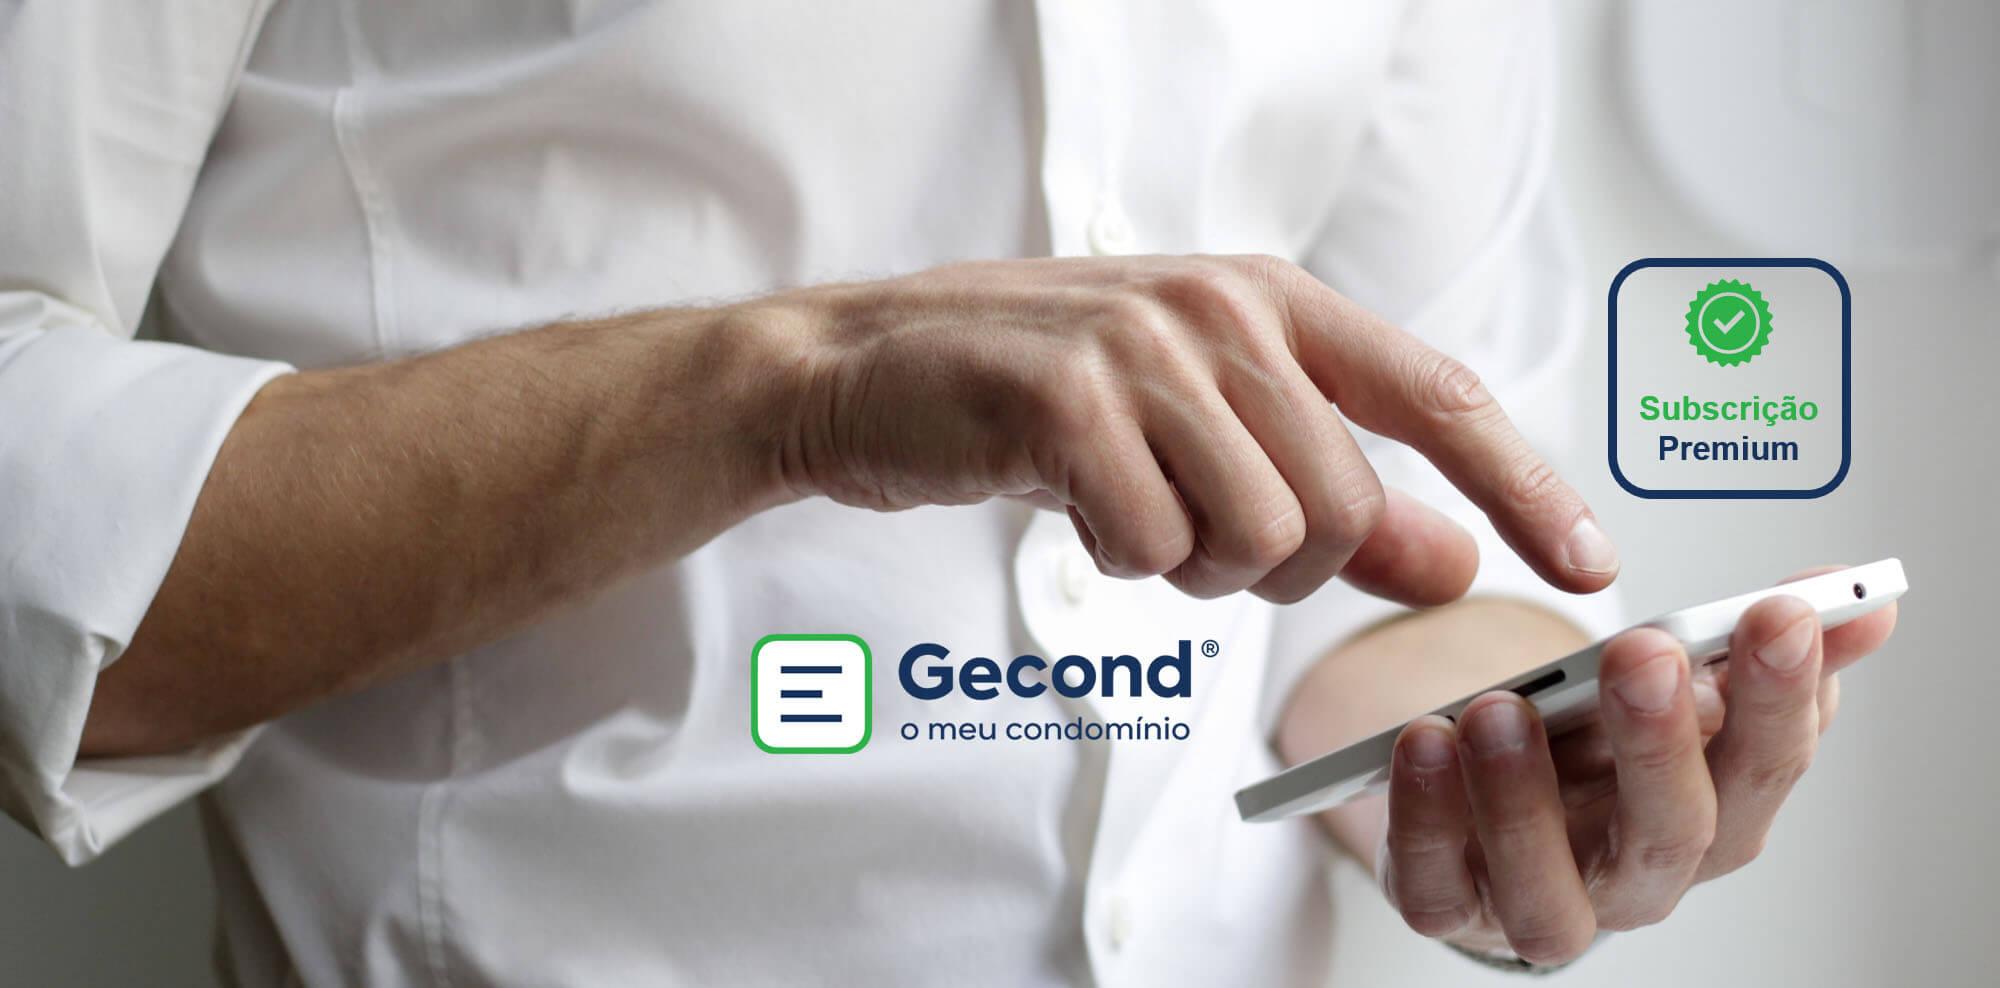 Gecond Subscrição Premium